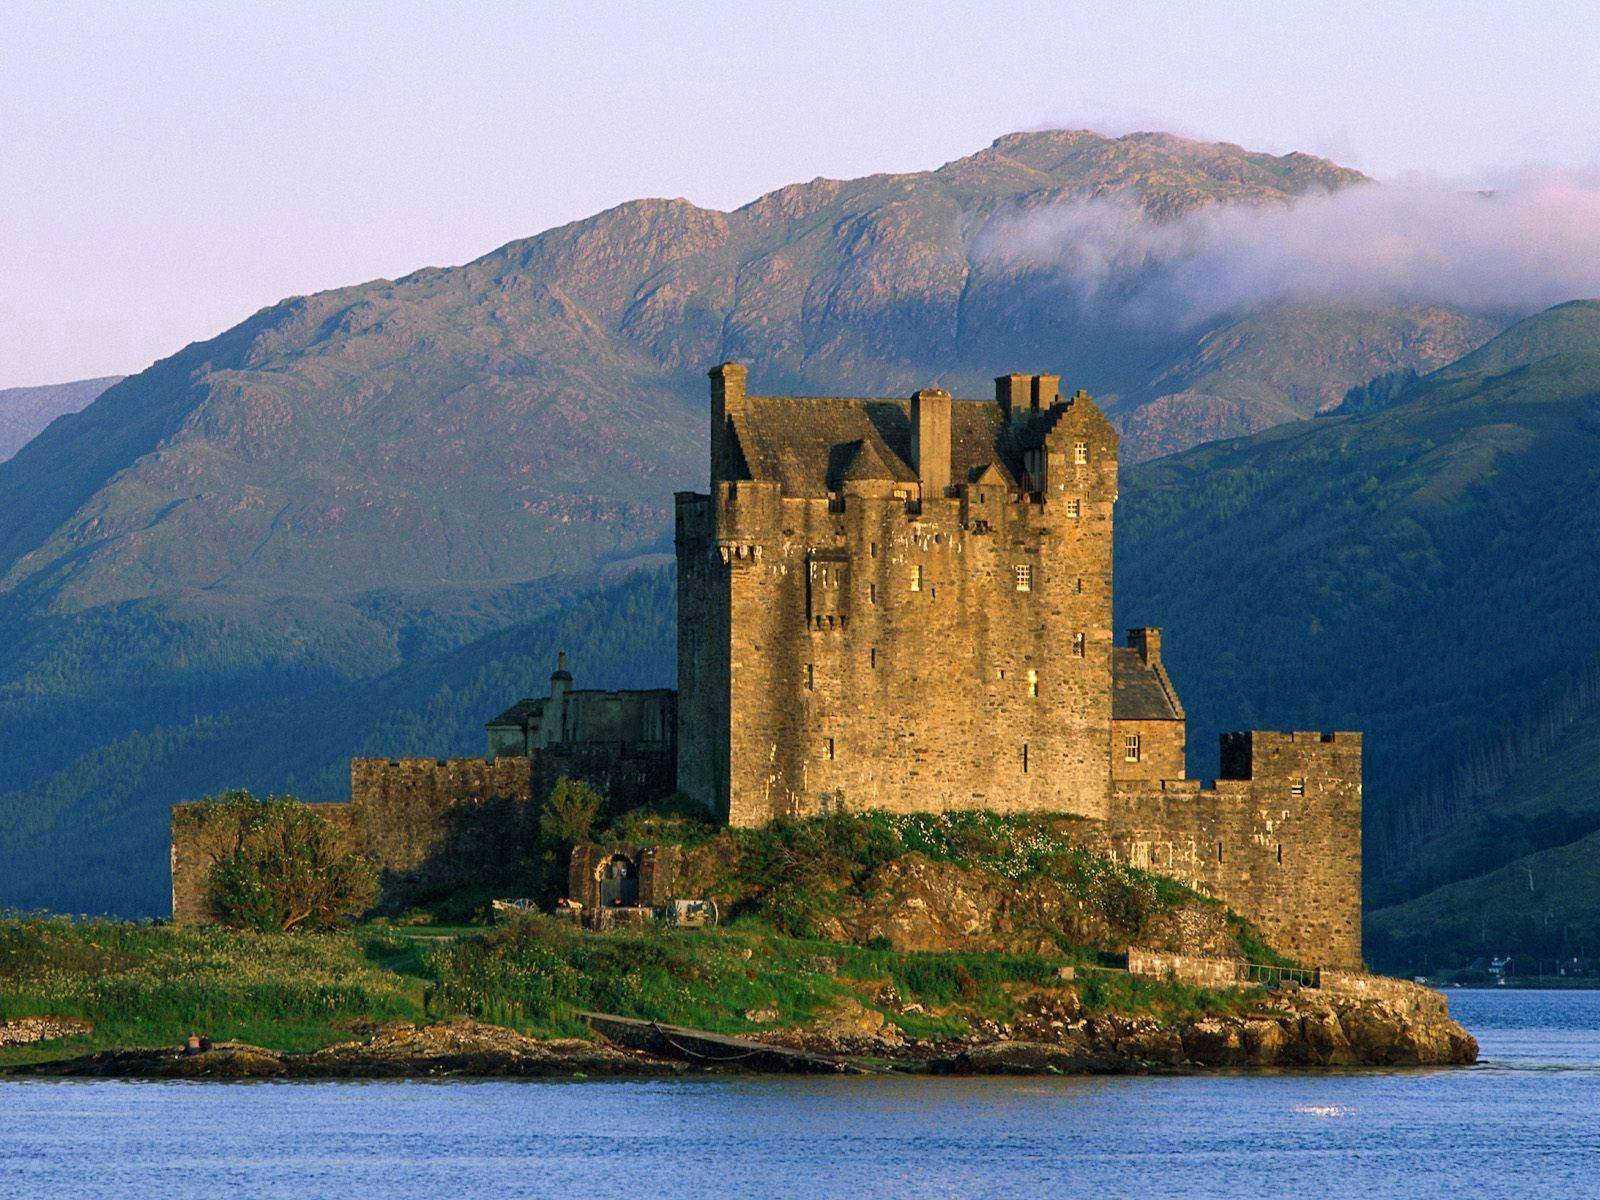 http://3.bp.blogspot.com/-kCJ7rHOZA7Q/TuCGTmAFrfI/AAAAAAAAFG4/BgCQ3HSwV0Y/s1600/Castle-Wallpaper-8.jpg